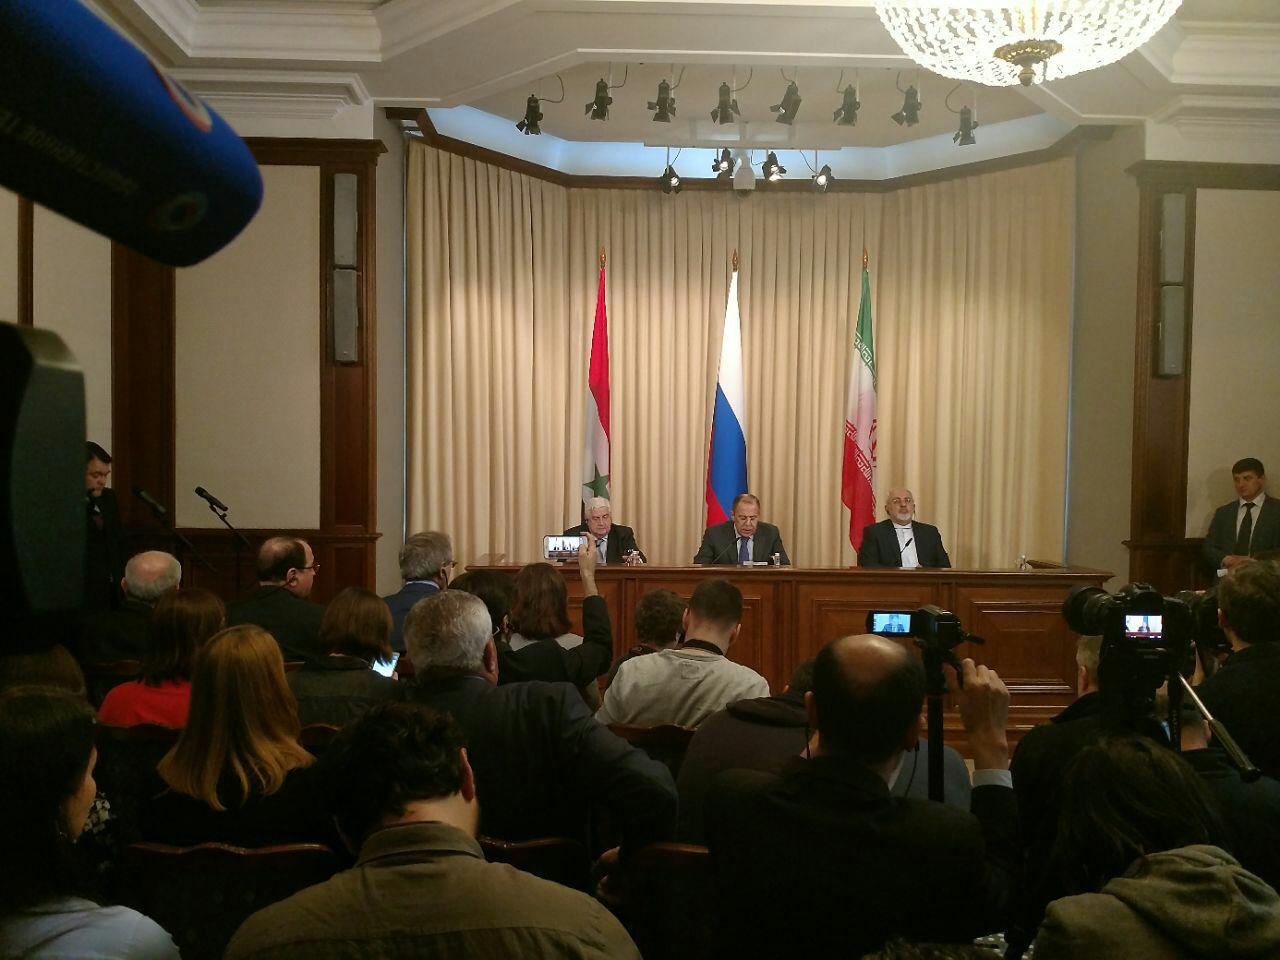 آغاز مذاکرات سه جانبه وزرای خارجه ایران، روسیه و سوریه در مسکو